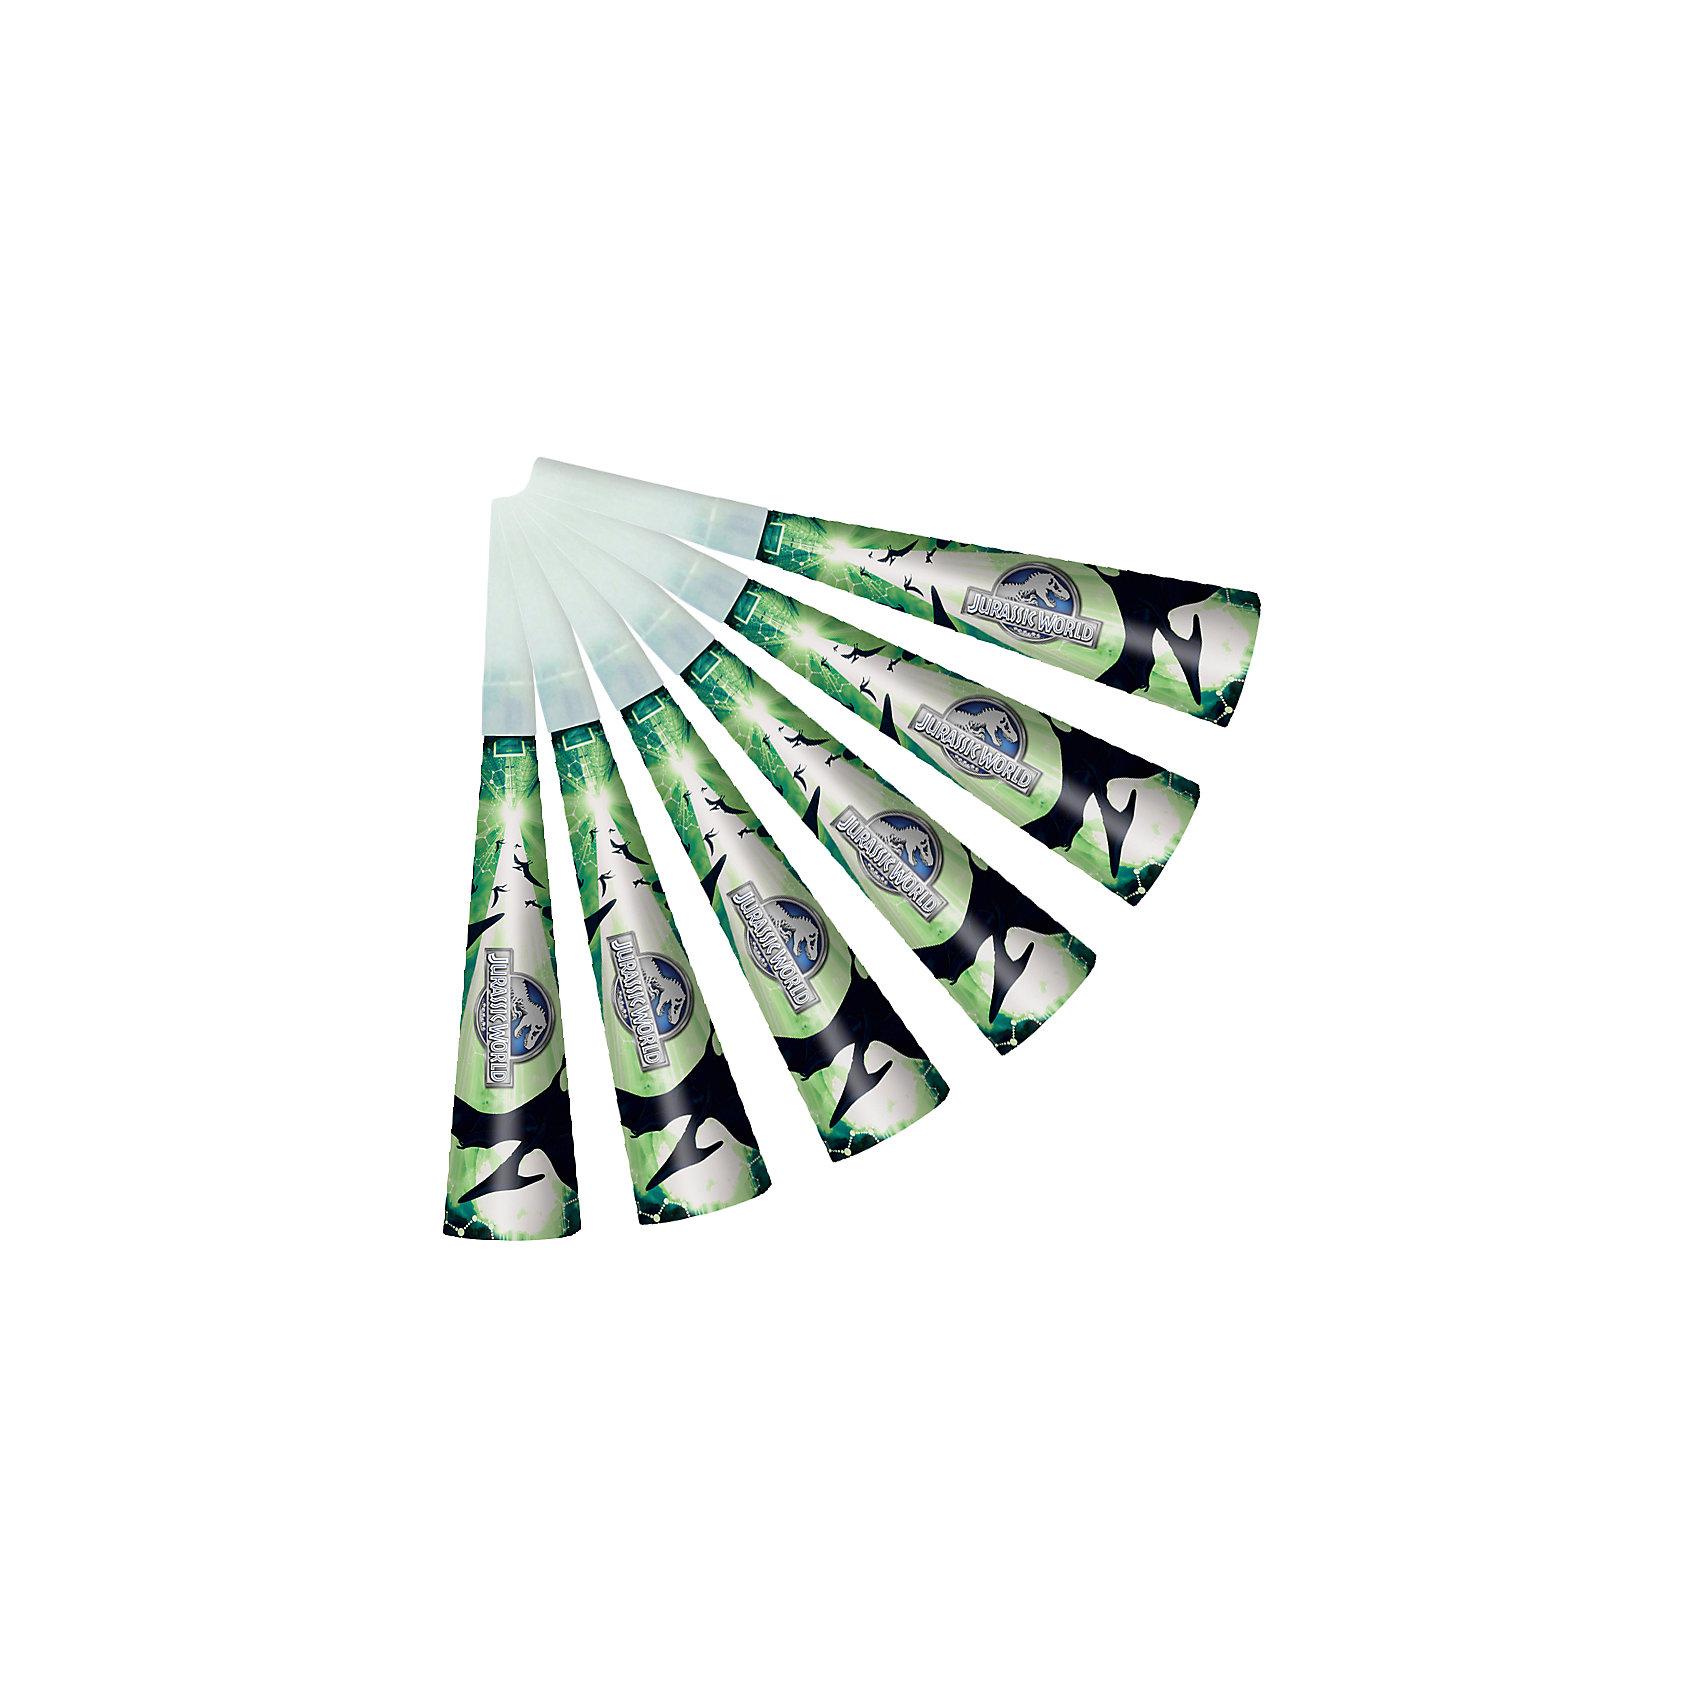 Дудочка 6шт, Парк Юрского периодаСтильные бумажные дудочки с динозаврами из фильма «Парк Юрского периода» развеселят ребятишек и помогут организовать много увлекательных игр и конкурсов, во время которых будет активно развиваться дыхательная система деток, что особенно полезно для их здорового развития.&#13;<br>В наборе 6 бумажных дудочек, декорированных привлекательным принтом. Вы также можете выбрать другие товары из данной серии: стаканы, тарелки, салфетки, язычки, колпаки, приглашение в конверте, скатерть, мыльные пузыри, подарочные пакеты и другие товары.<br><br>Ширина мм: 260<br>Глубина мм: 150<br>Высота мм: 35<br>Вес г: 40<br>Возраст от месяцев: 36<br>Возраст до месяцев: 120<br>Пол: Унисекс<br>Возраст: Детский<br>SKU: 5016472